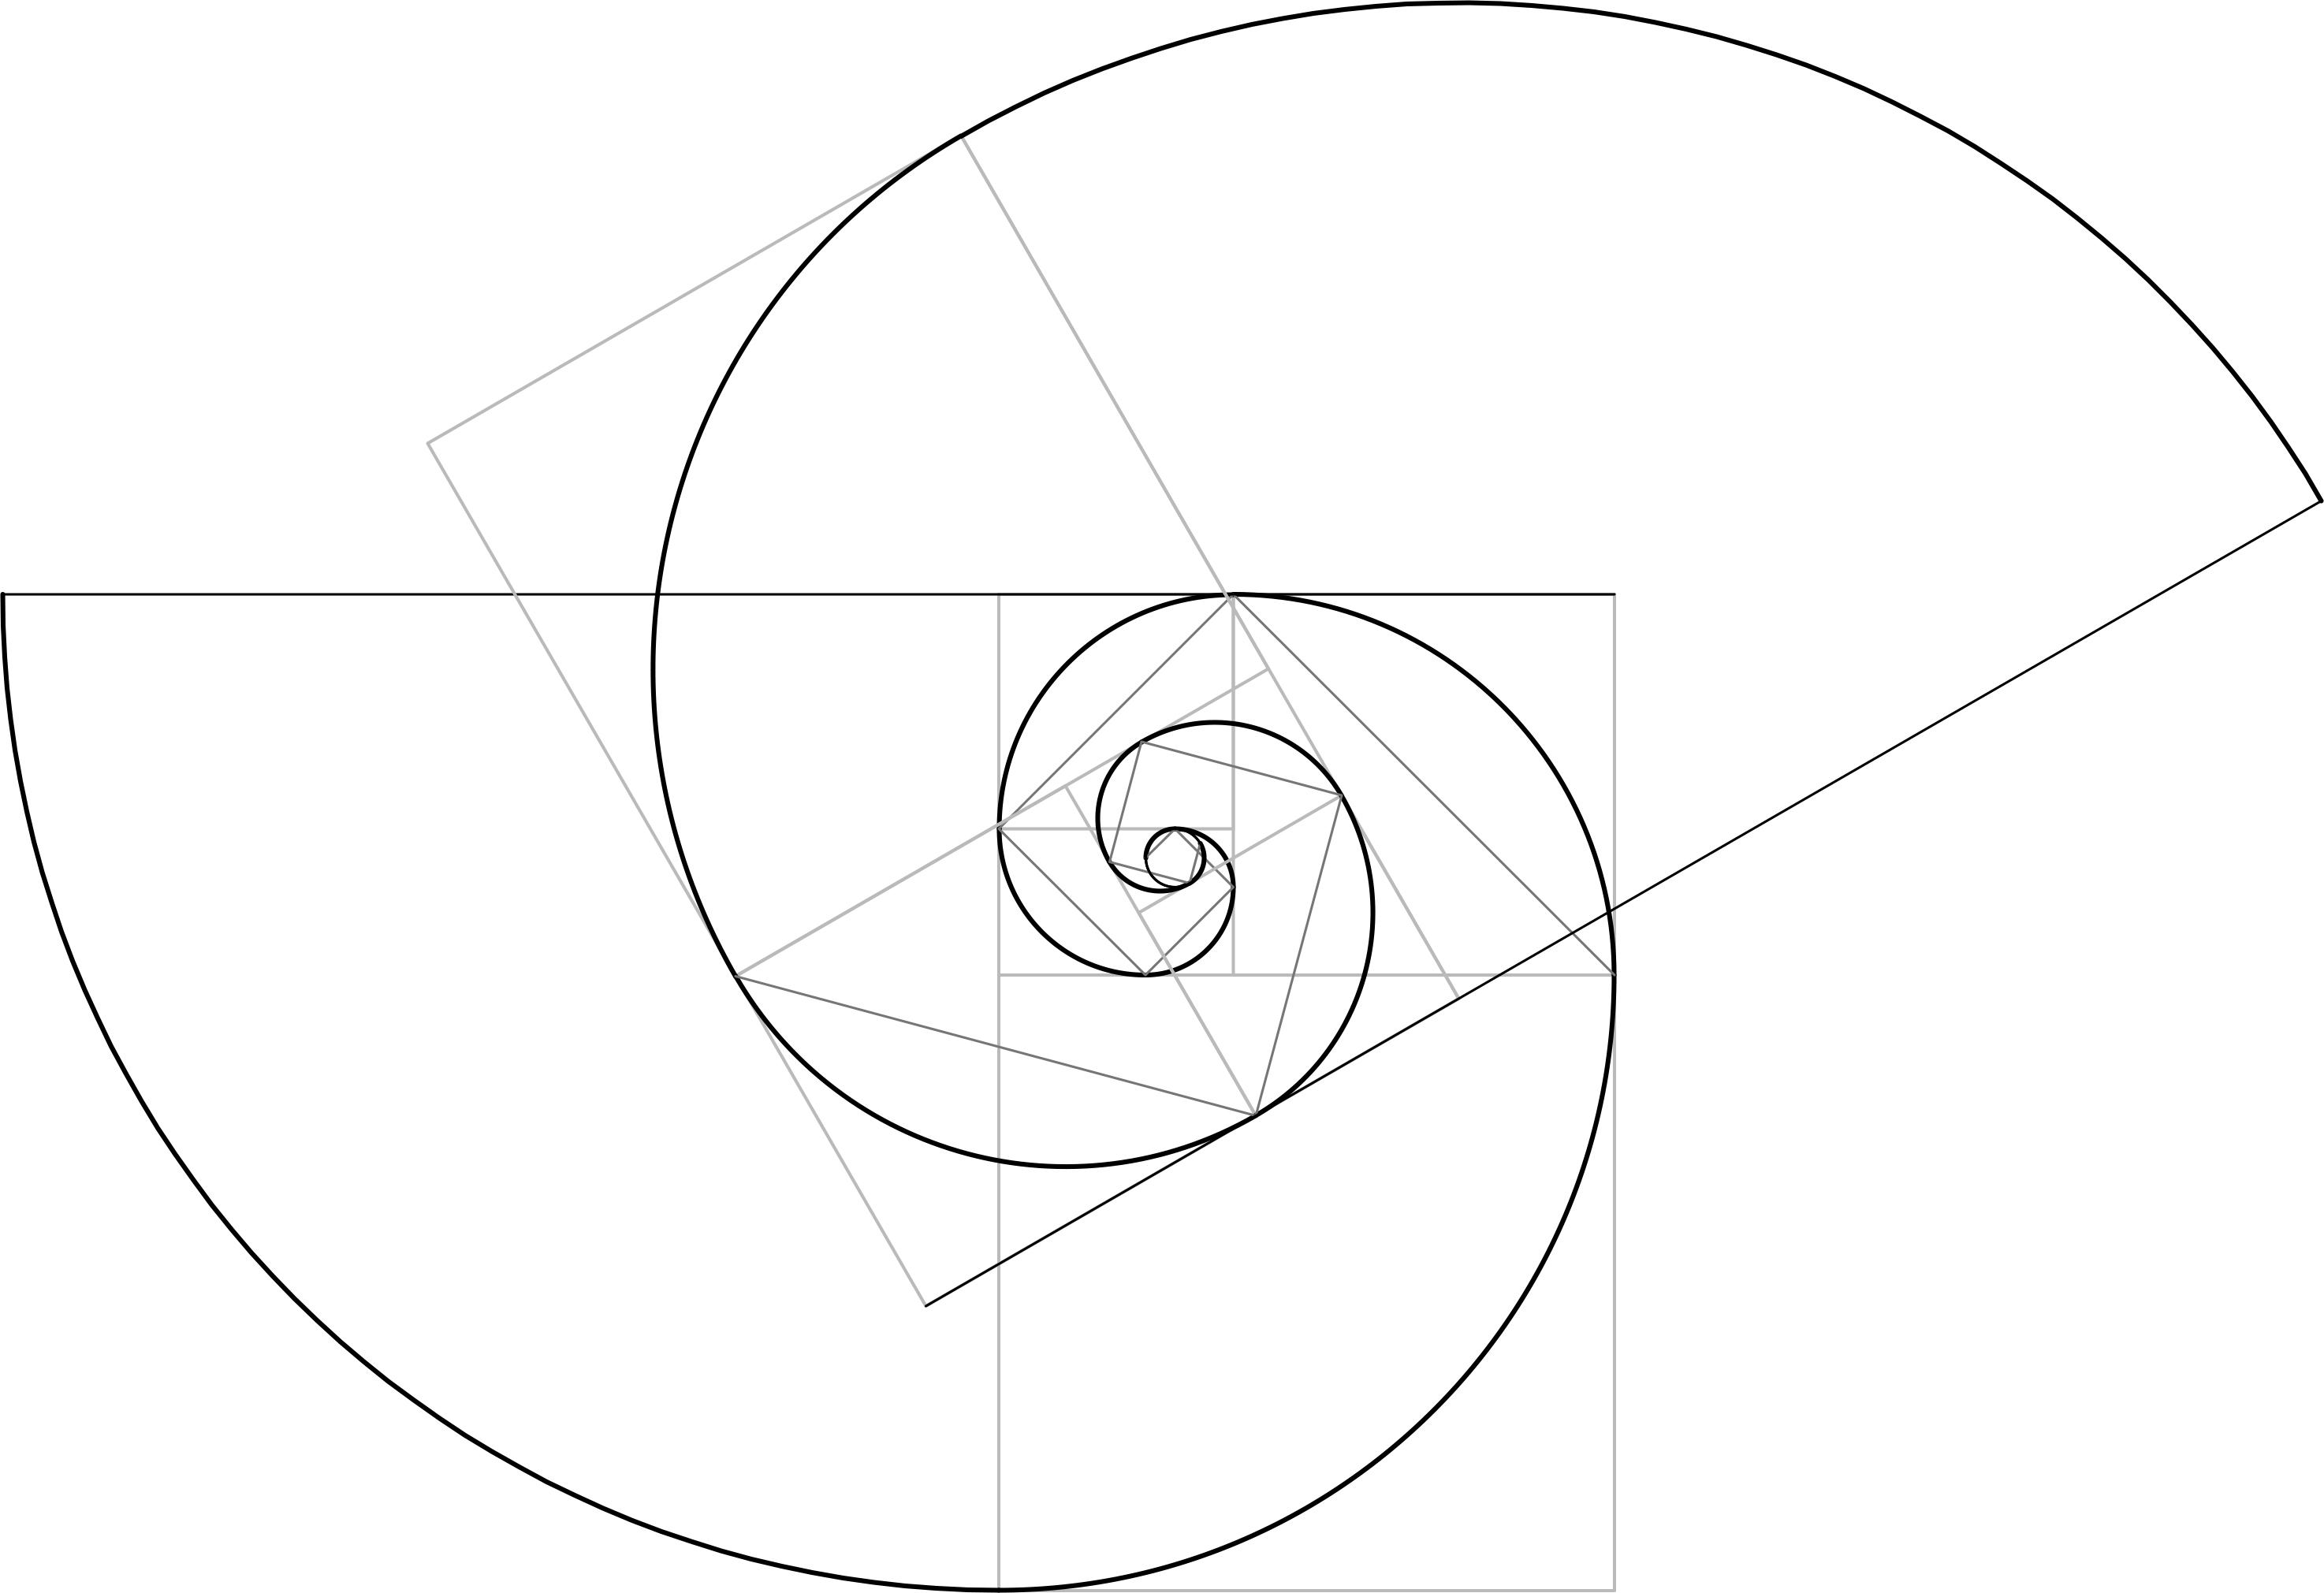 /Users/elena/Desktop/logo.dwg